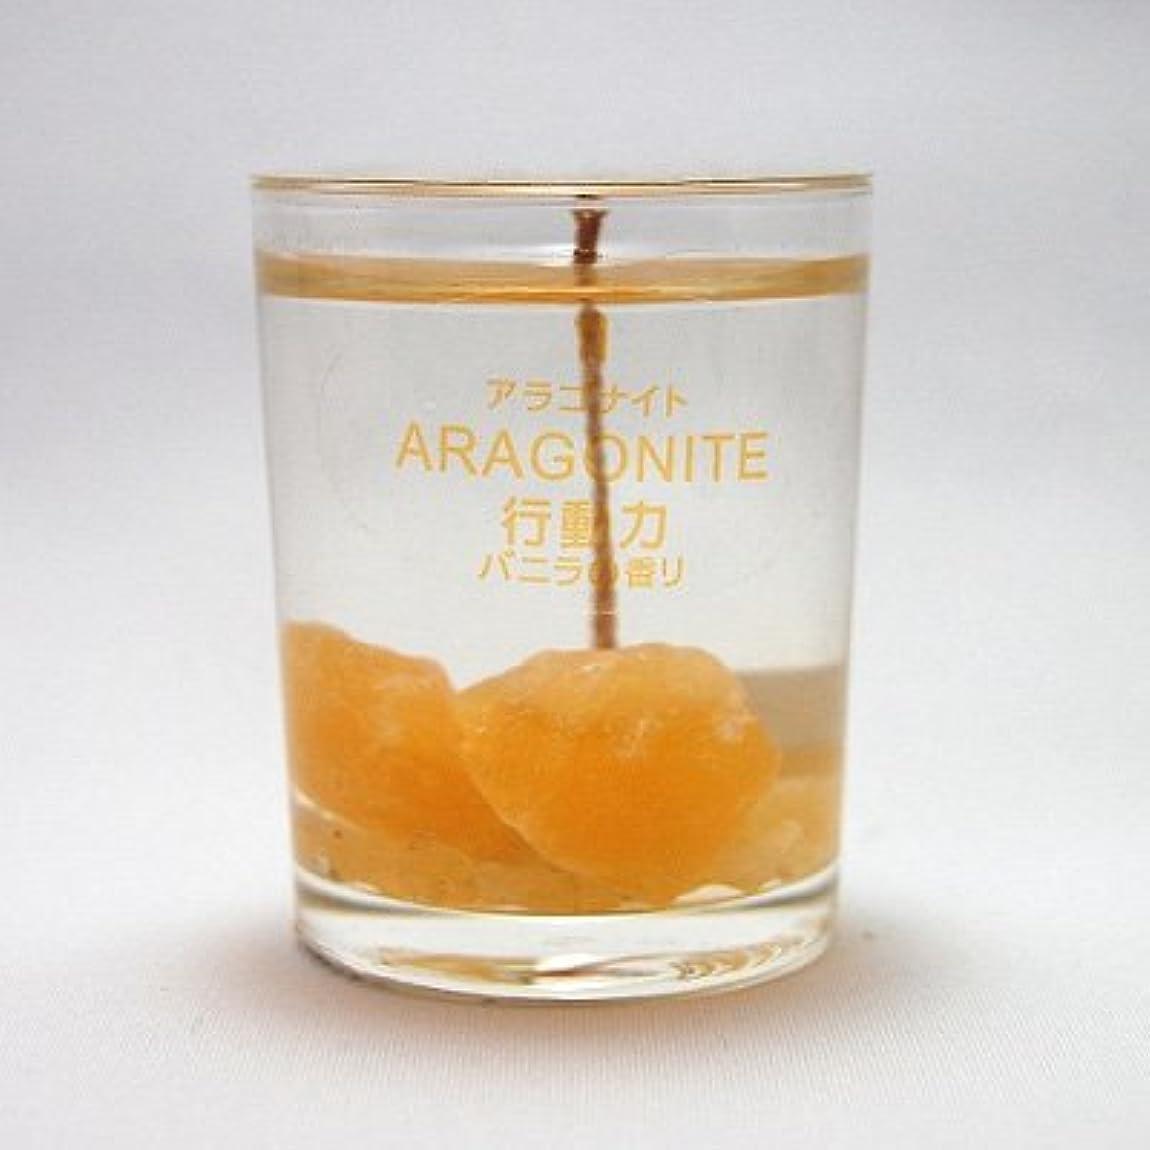 ホイップ貝殻提供されたアロマ ストーン キャンドル ( アラゴナイト )